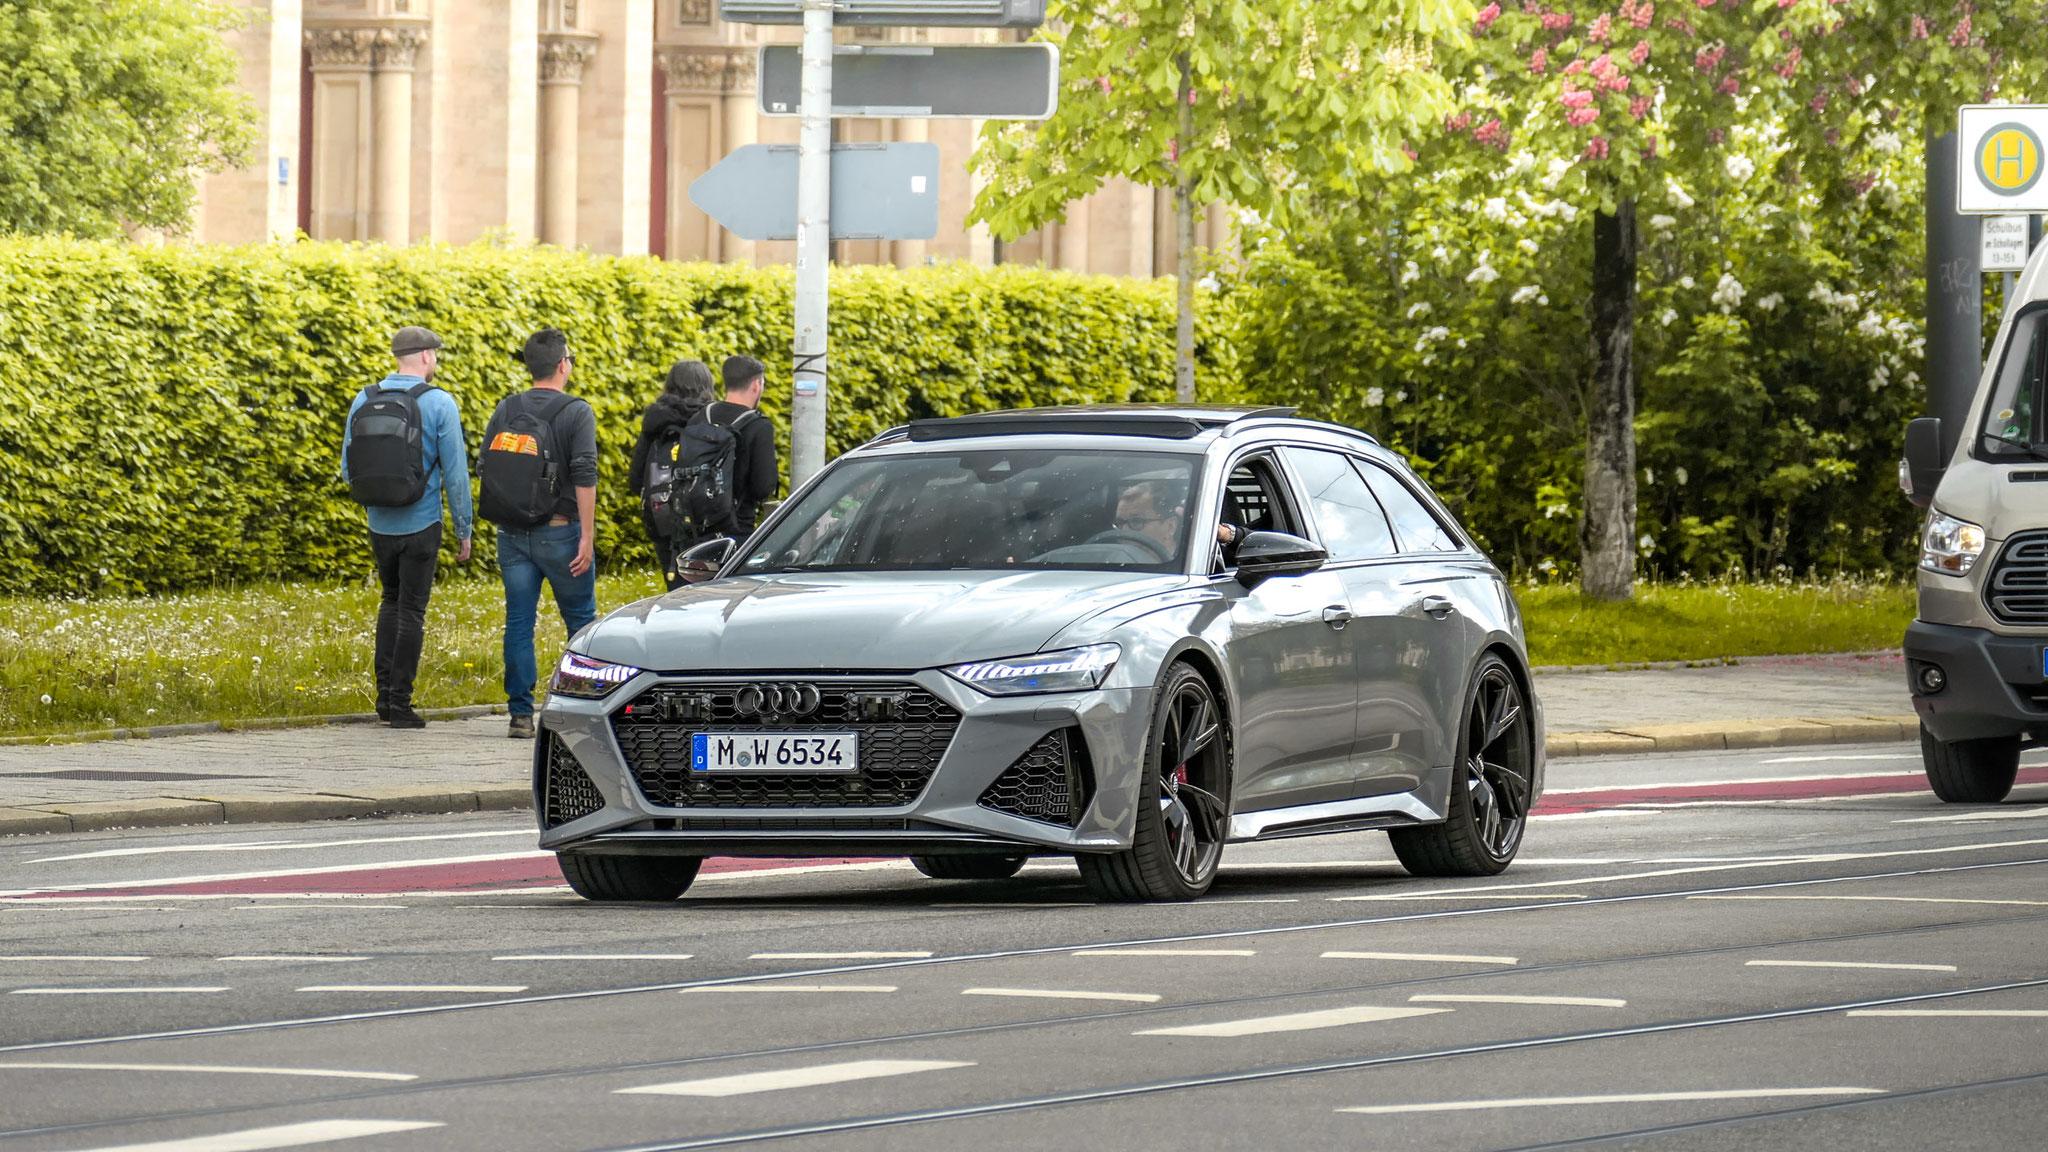 Audi RS6 - M-W-6534